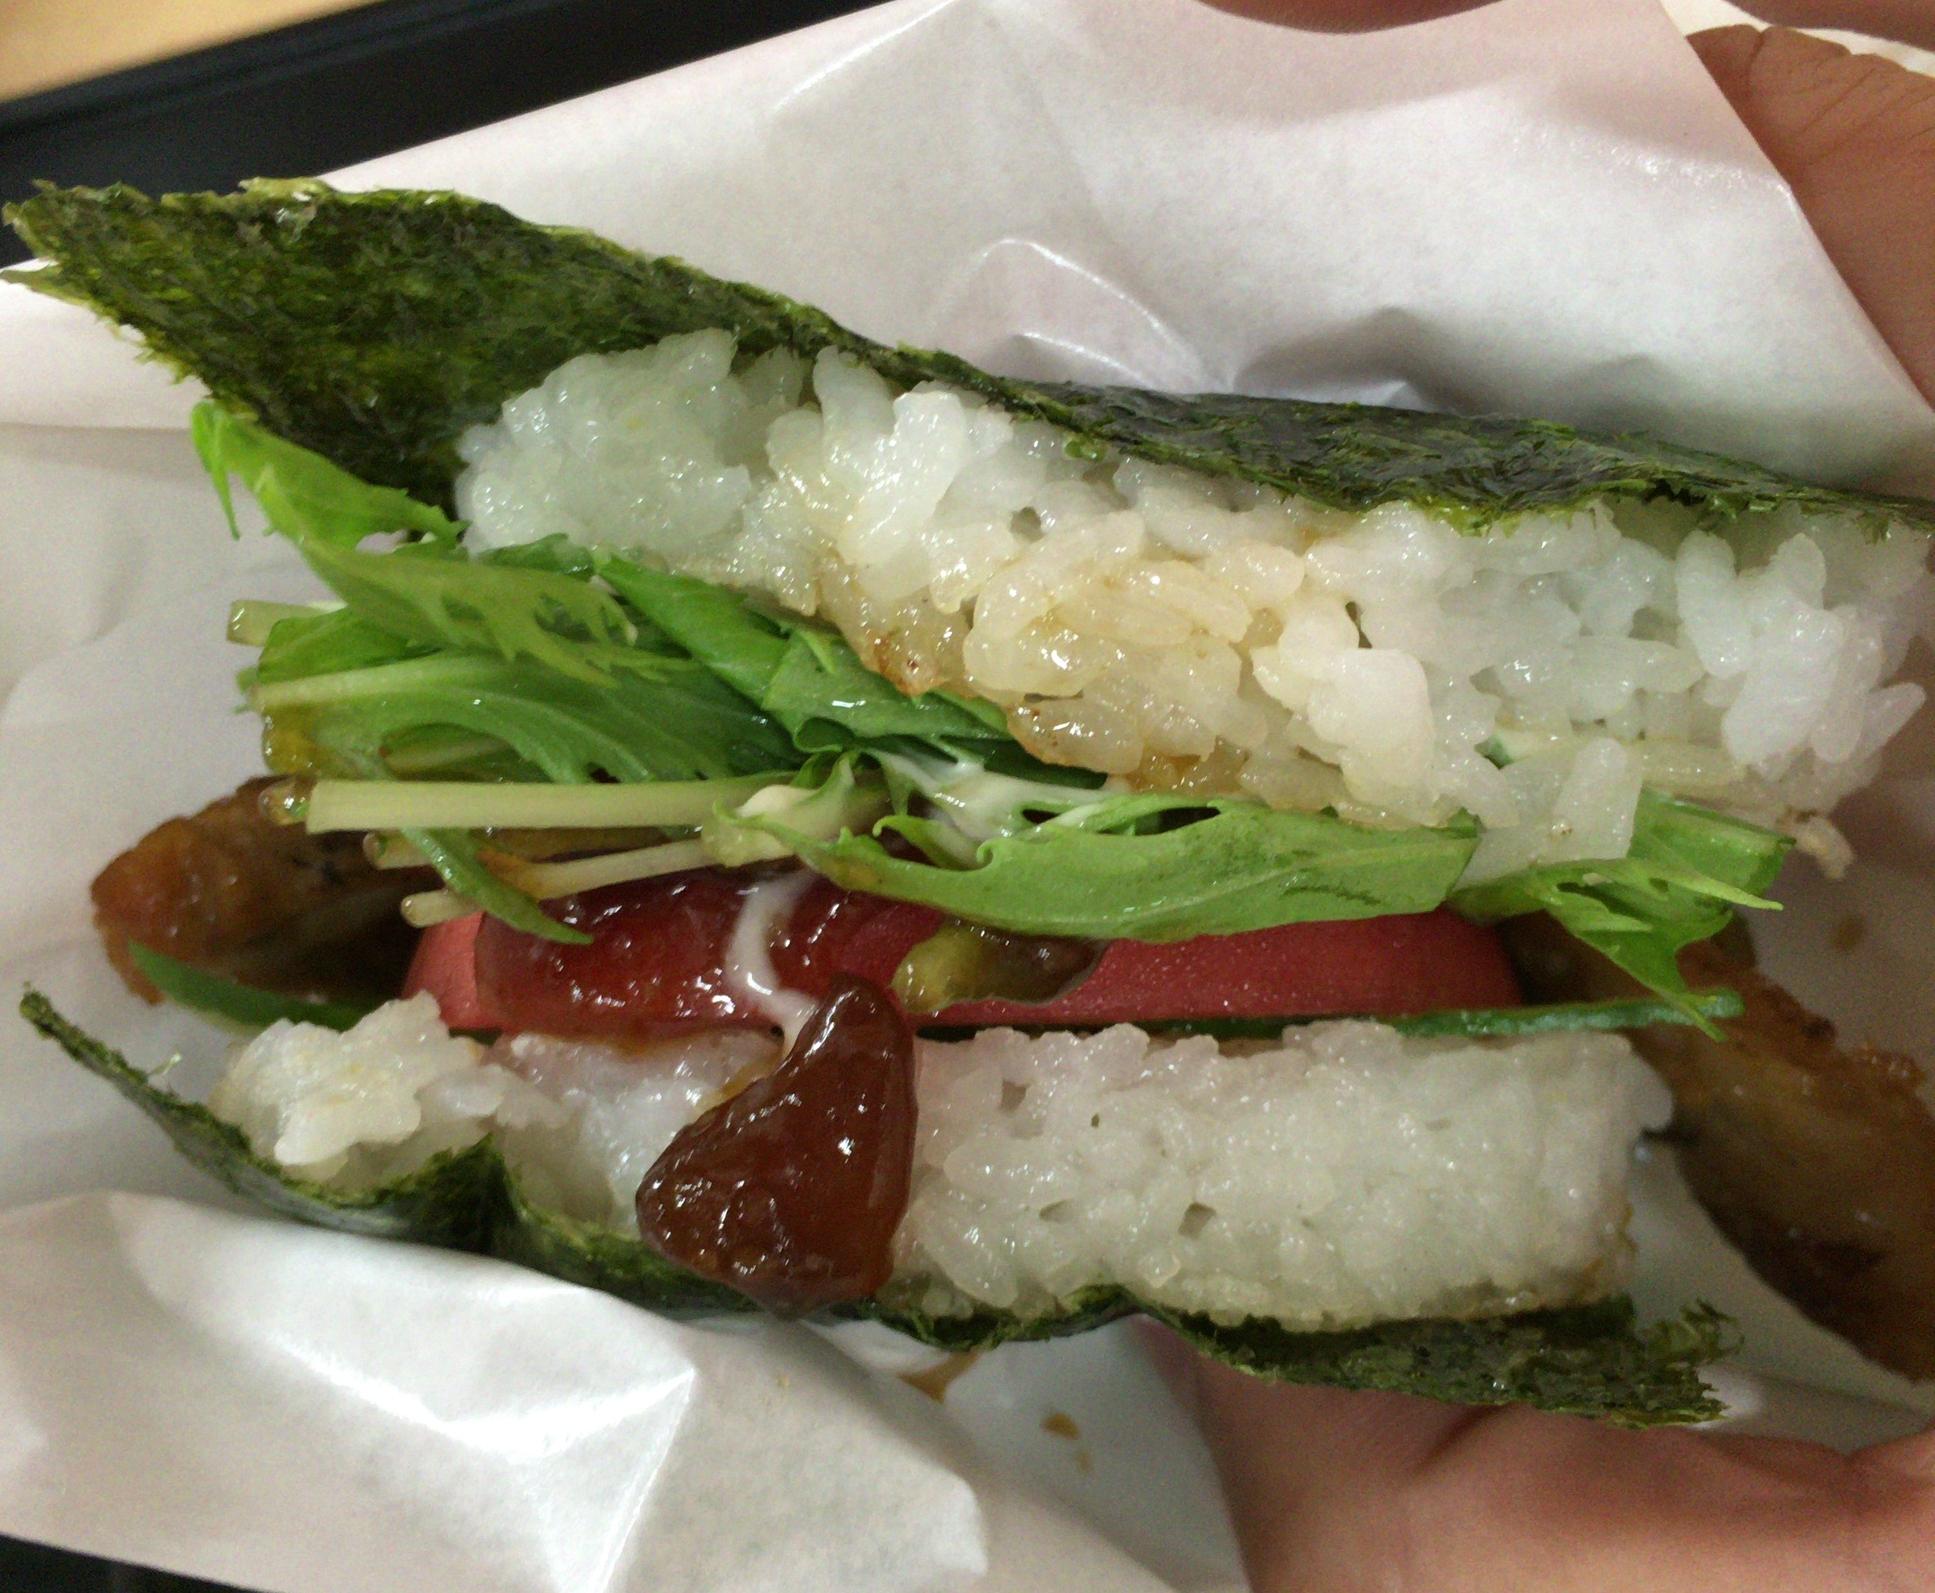 土日限定のB級グルメ!西条市にある「ちゃーしゅう工房」にある地産地消のご当地バーガー「サンチャー」を食べに行ってきました!